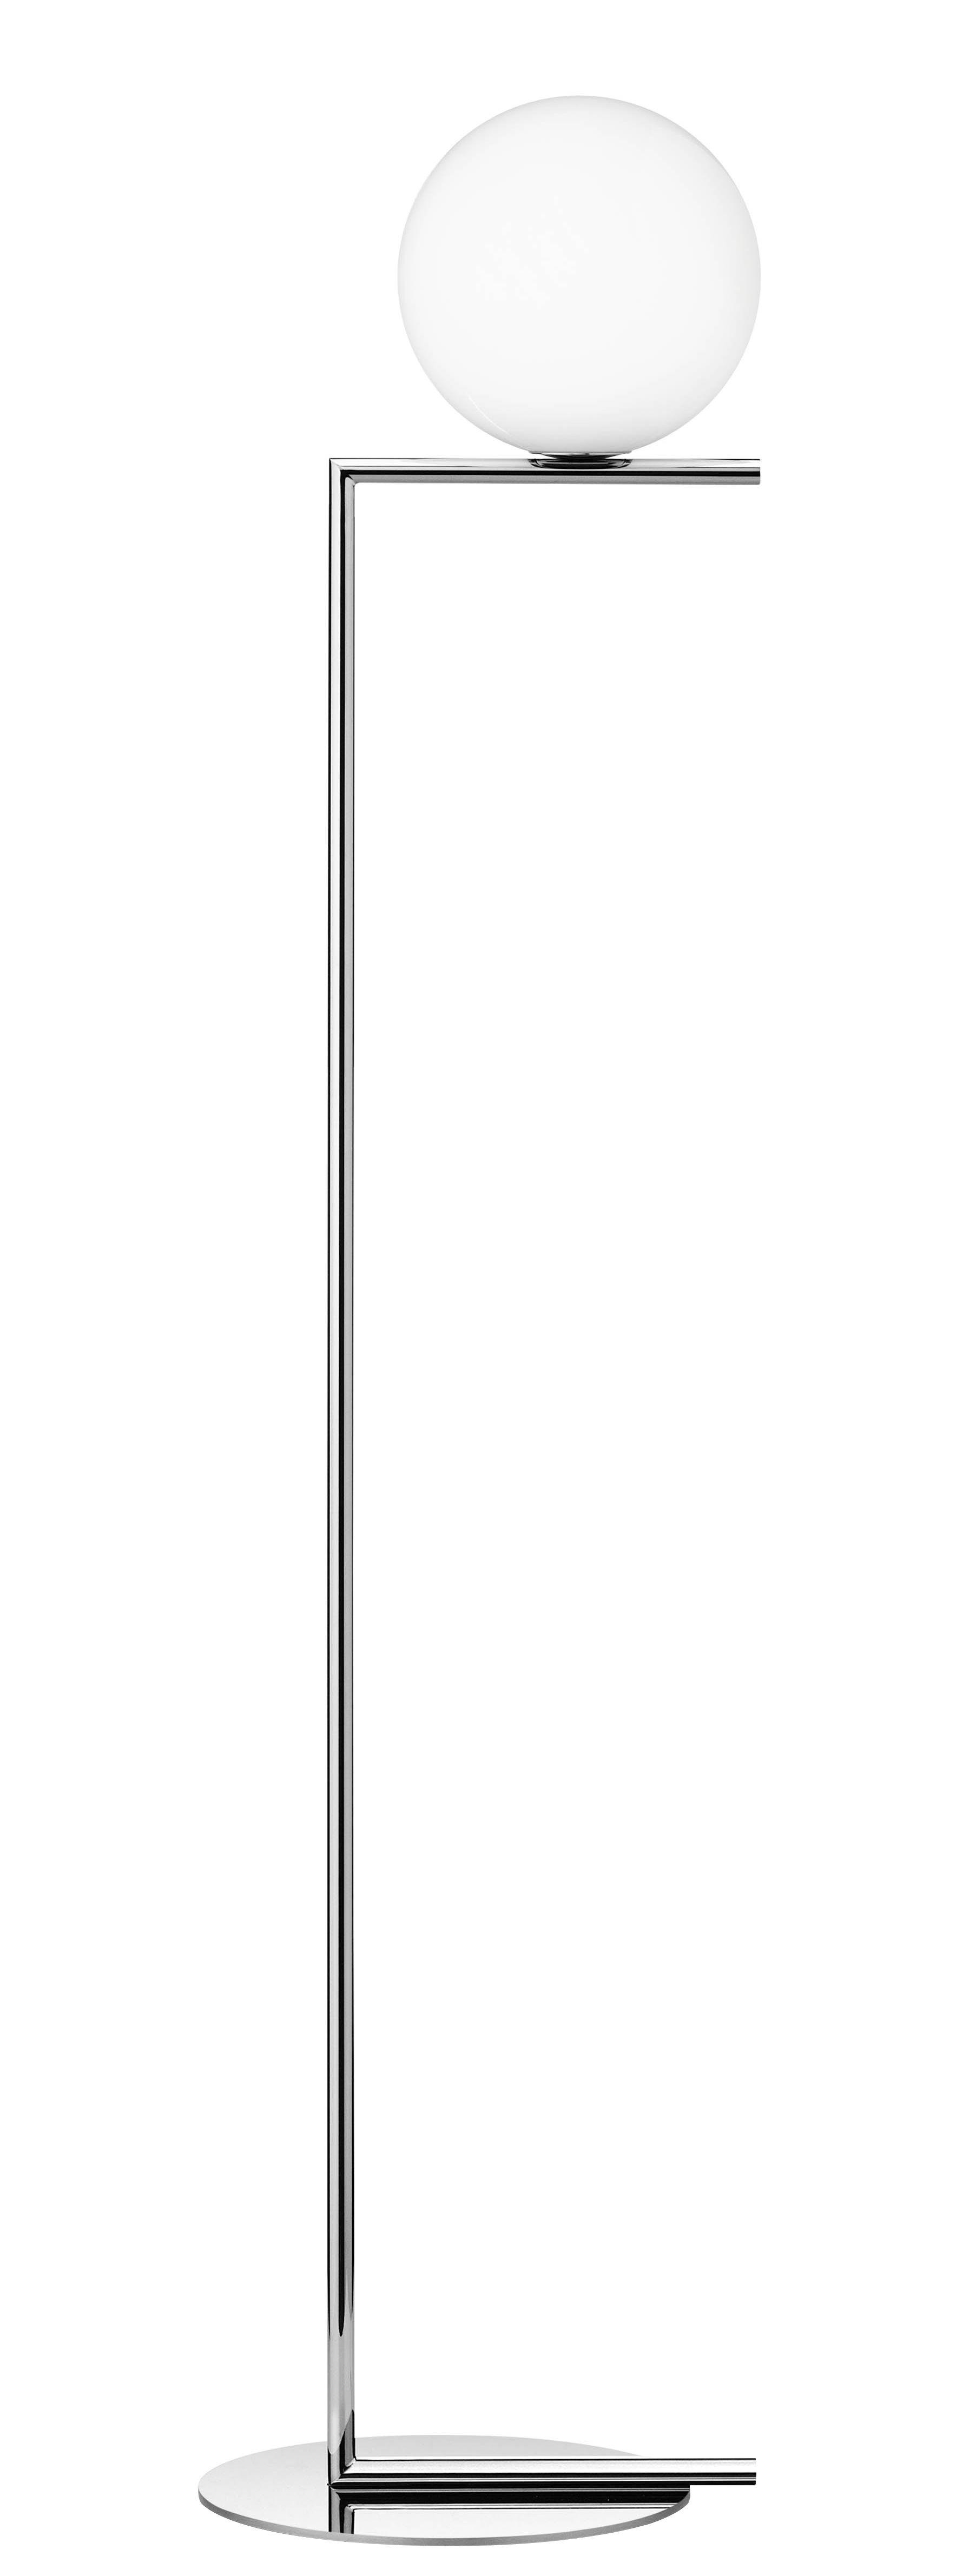 Lighting - Floor lamps - IC F1 Floor lamp - H 135 cm by Flos - Chromed - Blown glass, Chromed steel